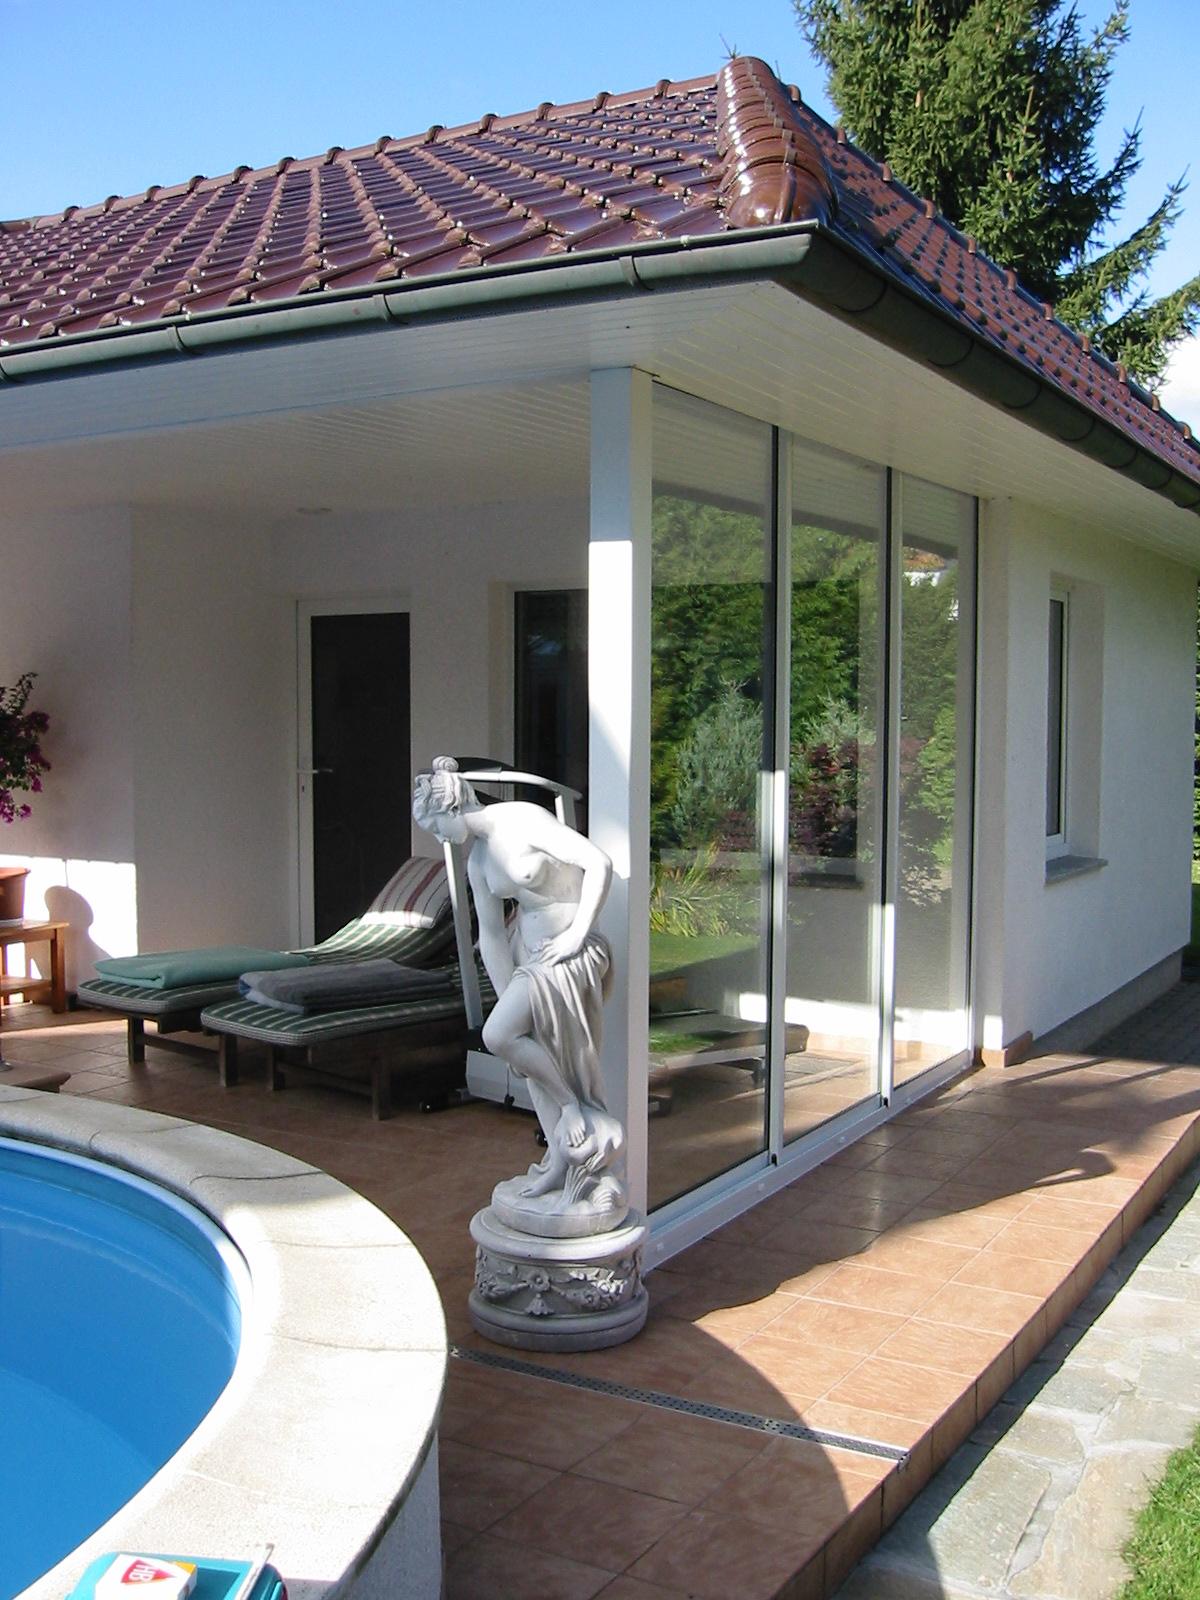 Windschutz-Verglasung in Zürich - Ausführung:Seite:1 Stück 3-läufige Multiraum Aluminium-SchiebeverglasungVerglasung: 2-fach Isolierglas